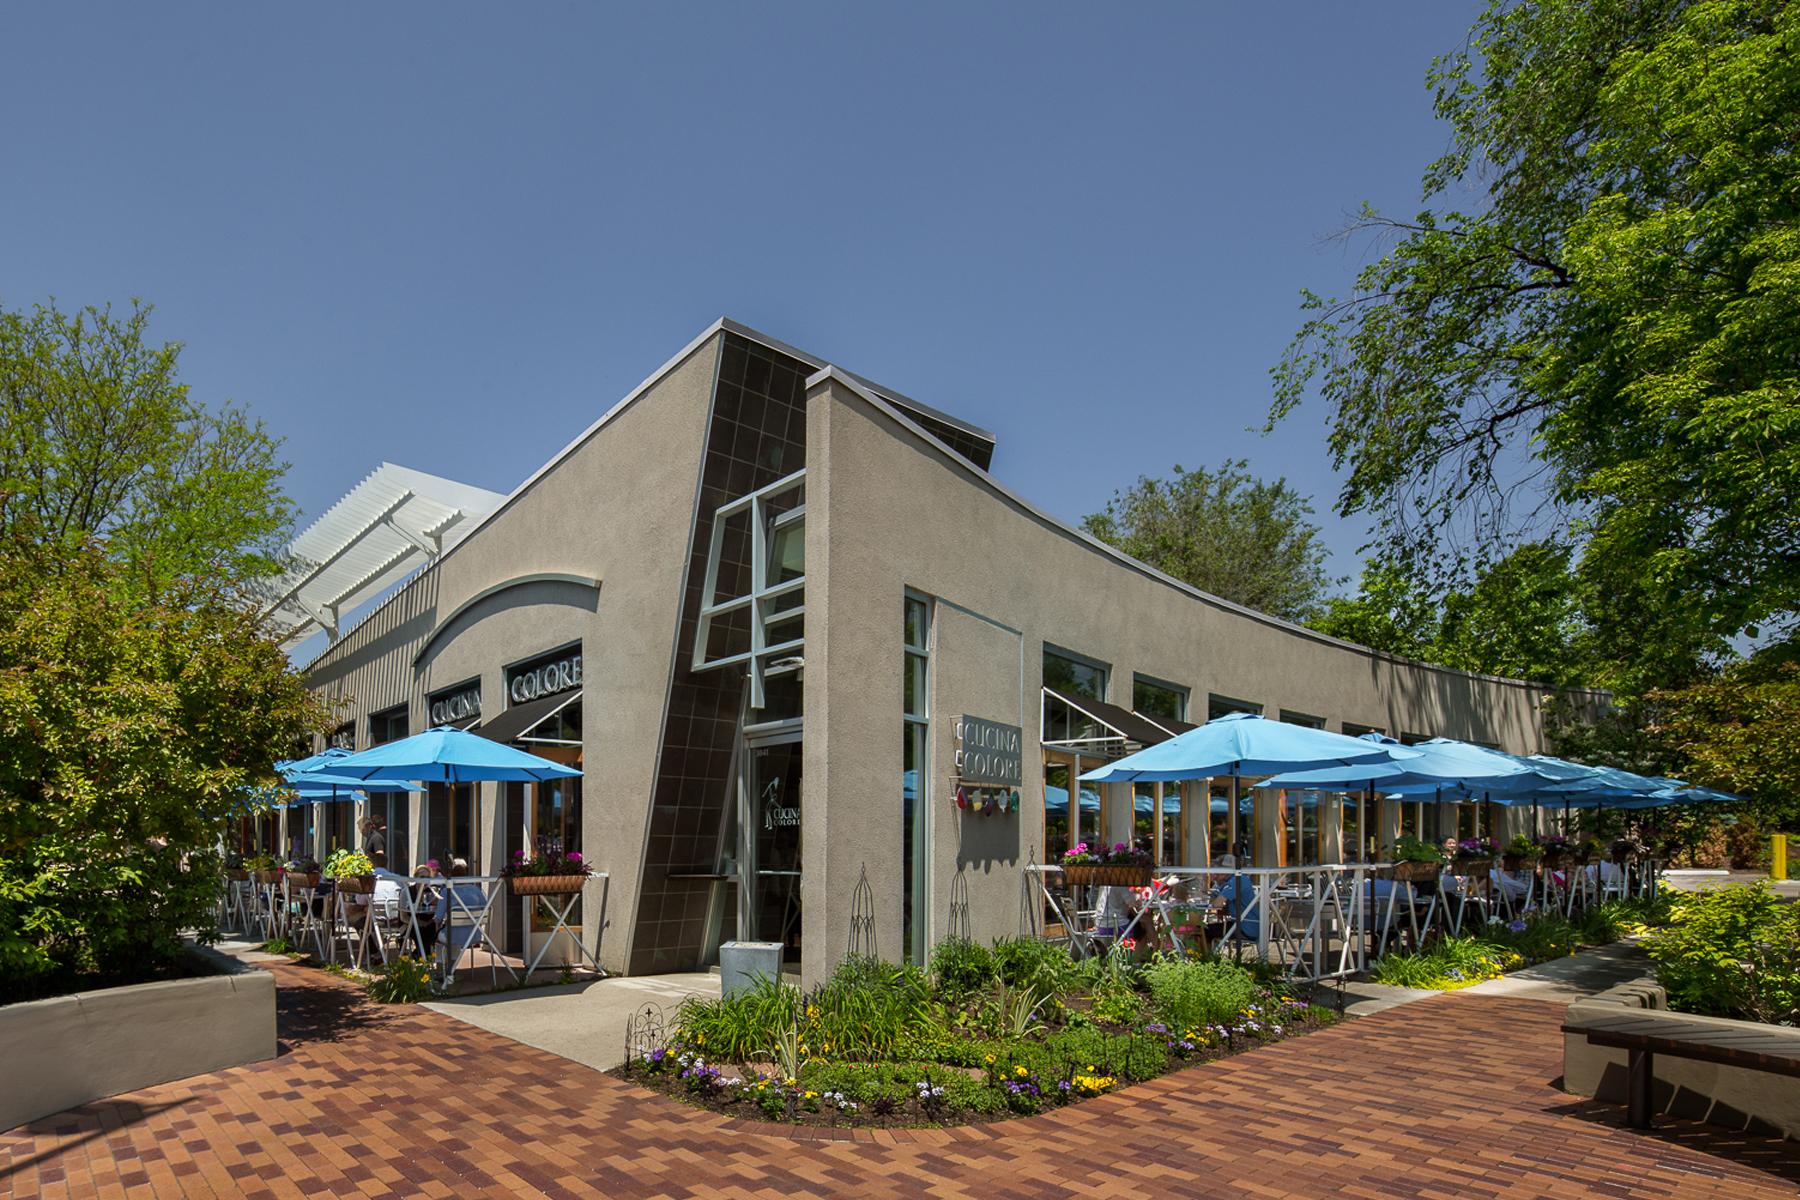 Restaurant Remodel, Denver Construction